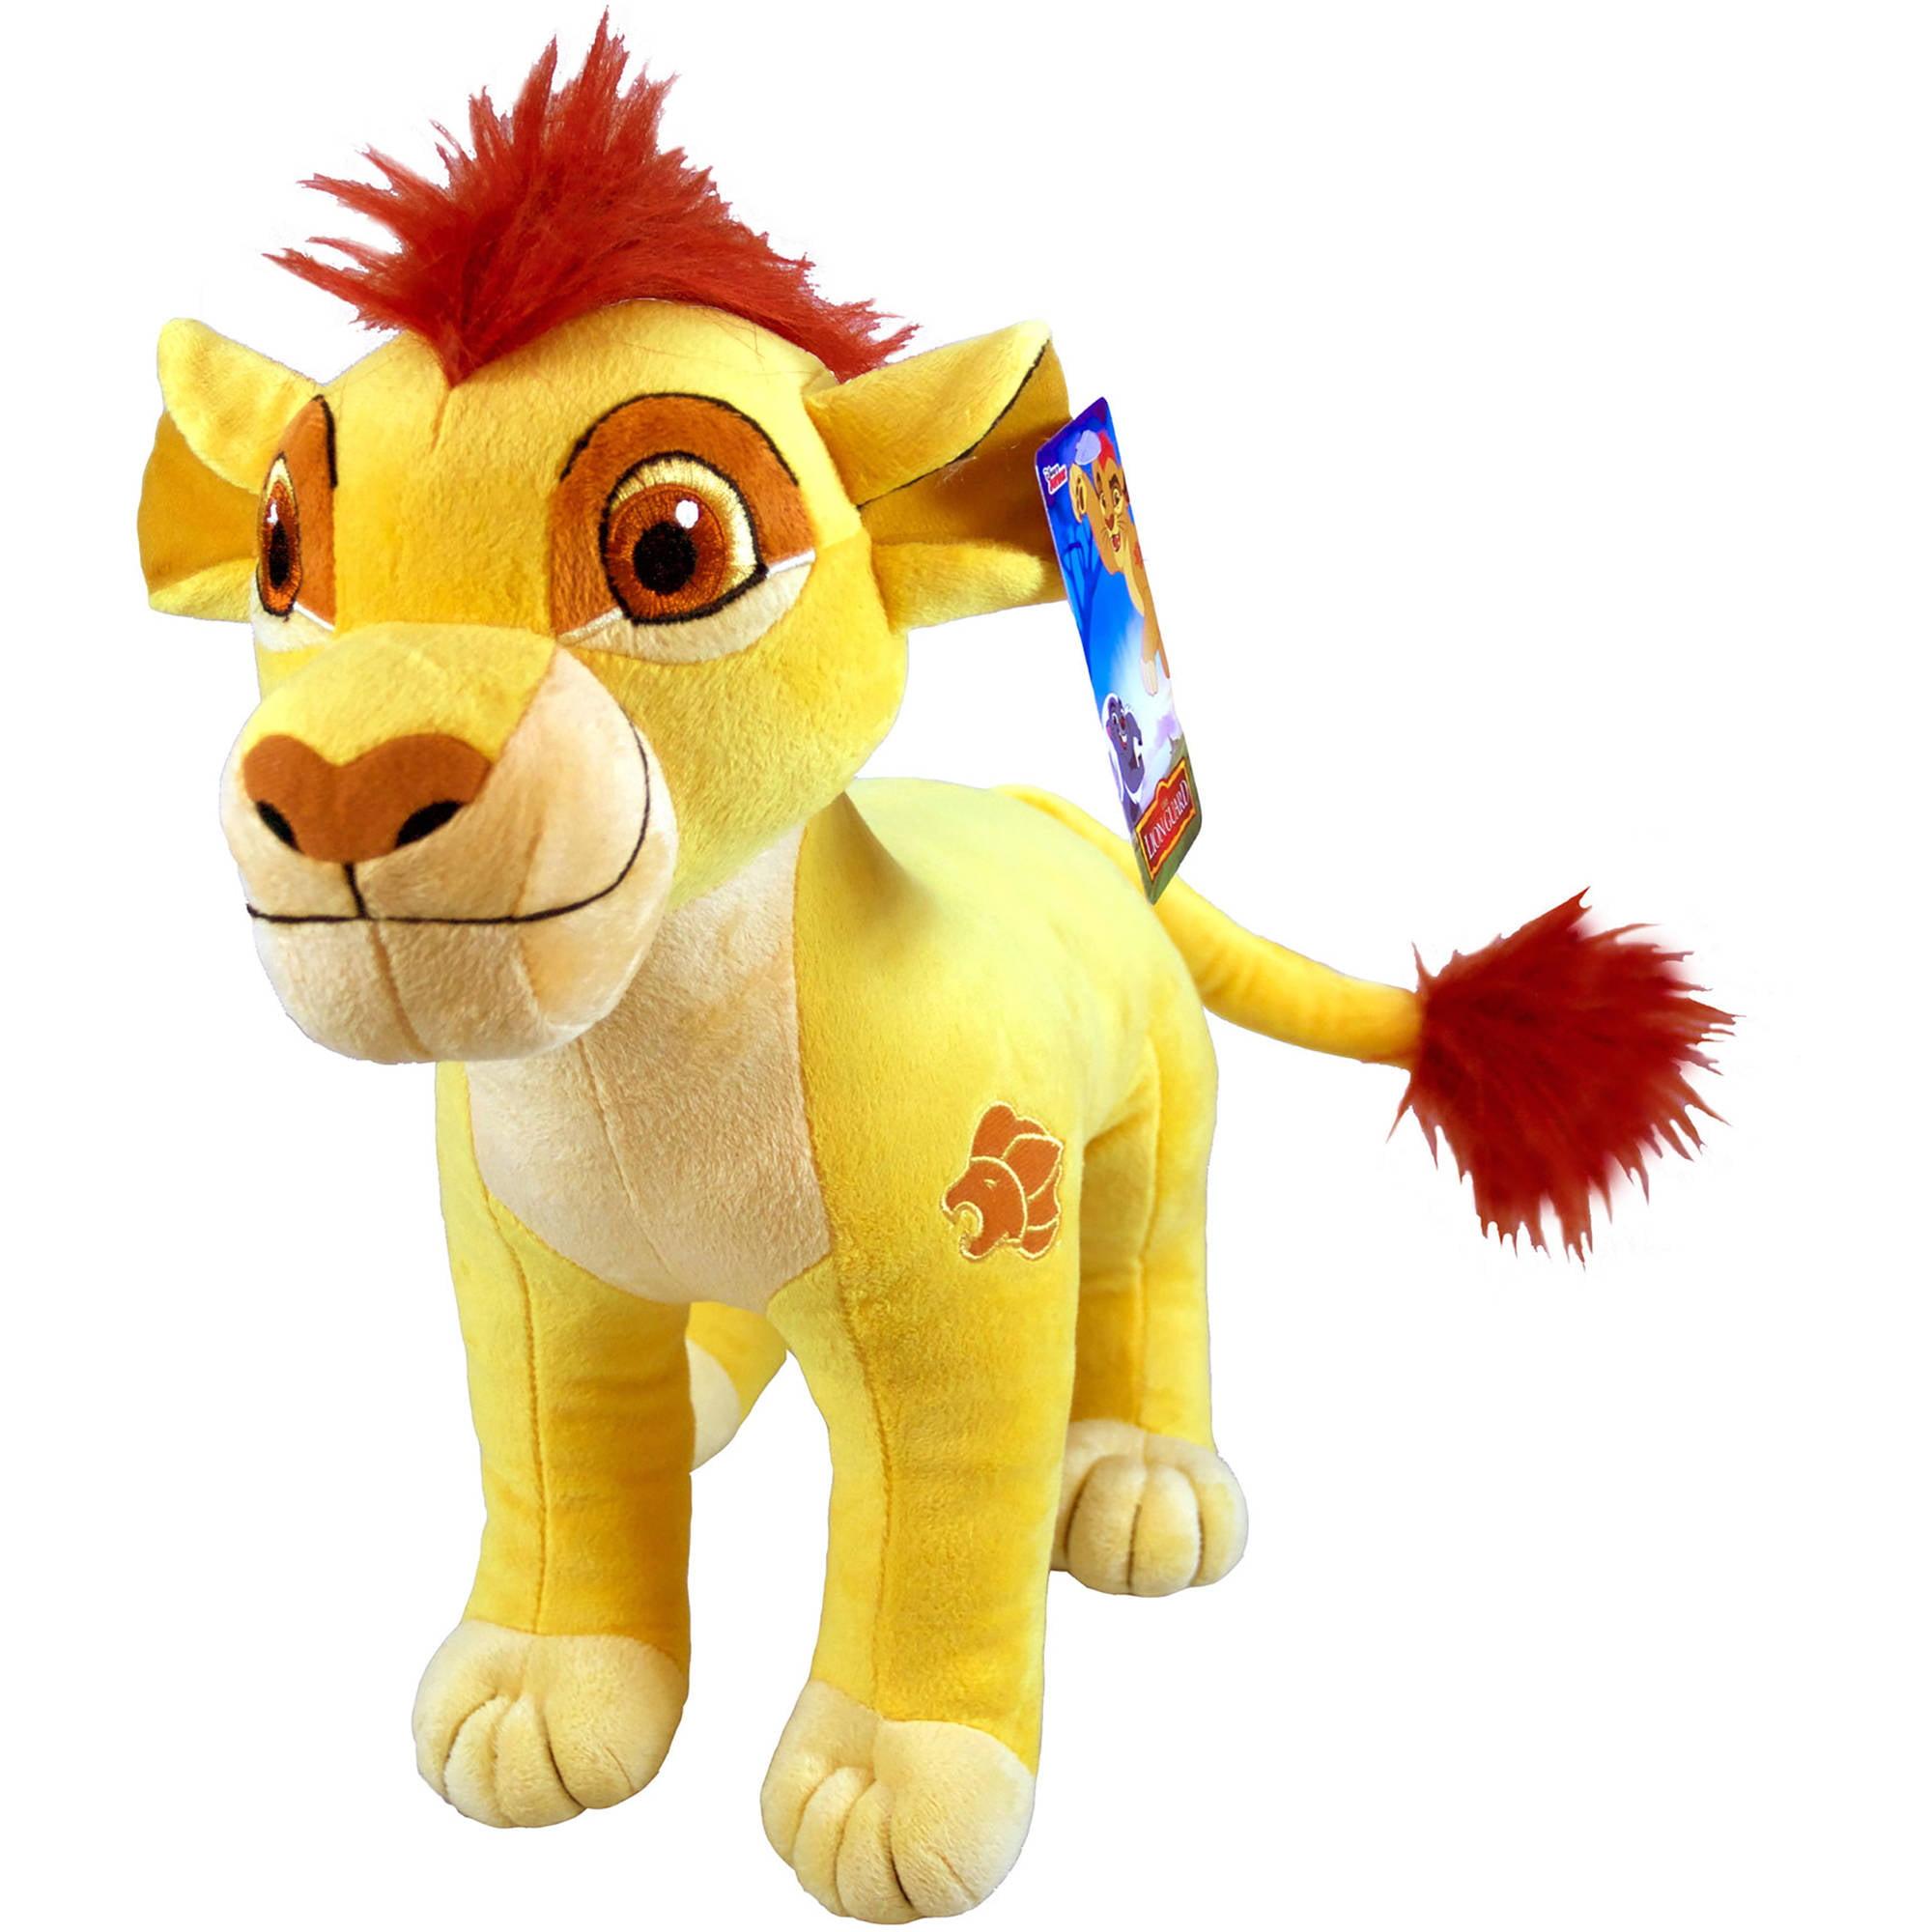 Disney el León protector de almohada Buddy + Disney en Veo y Compro